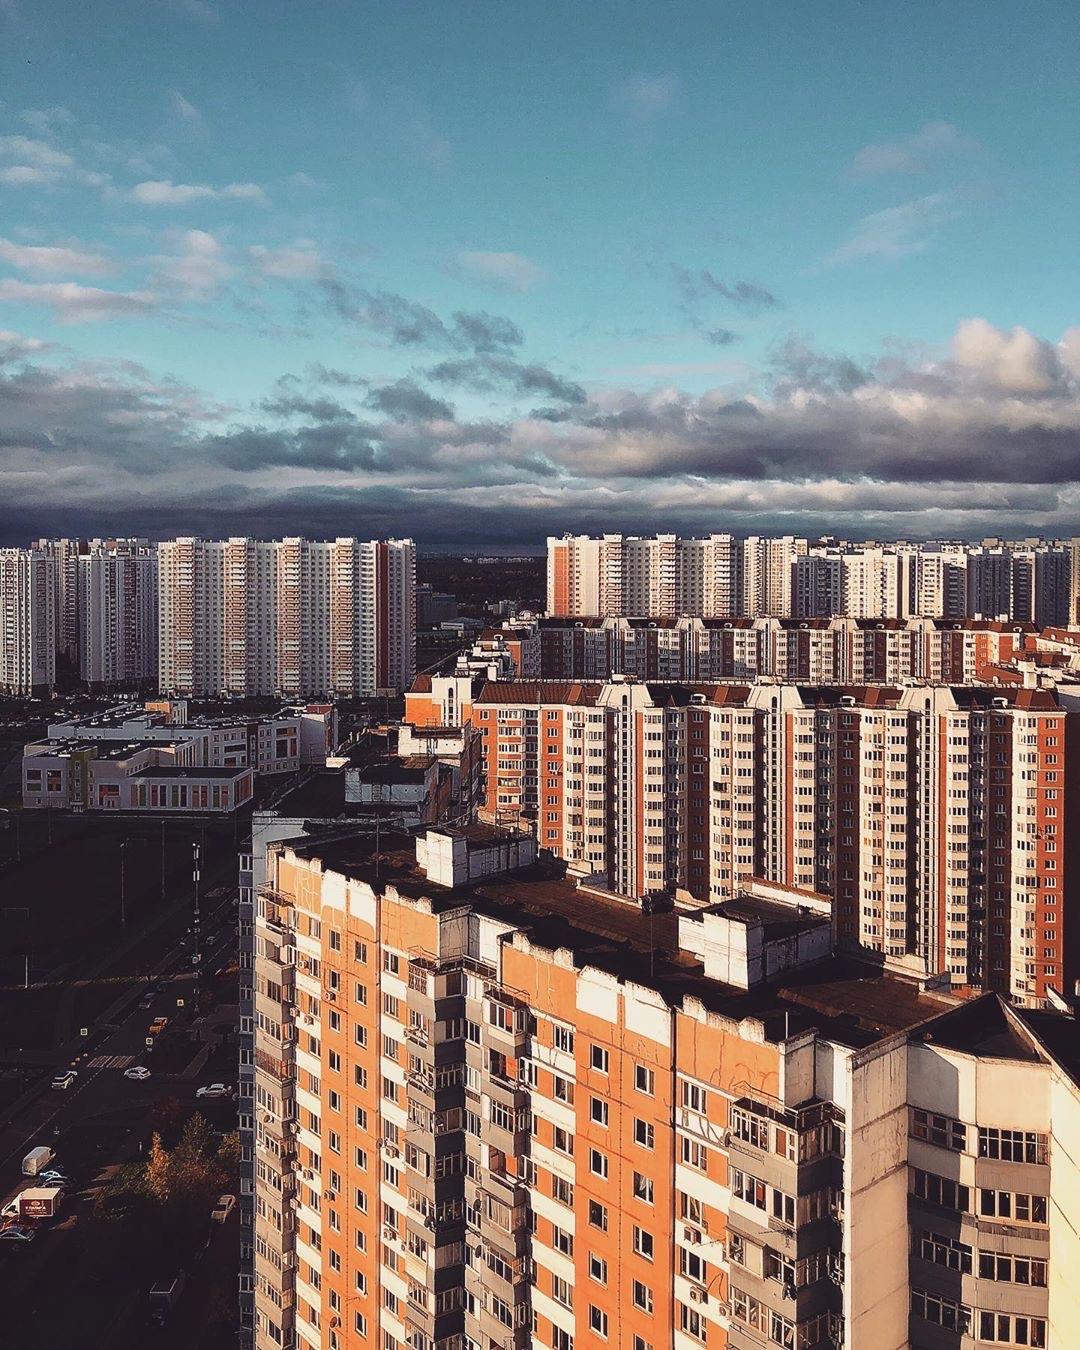 Доброе утро, город любимый! Как ваше настроение сегодня?)  Фото